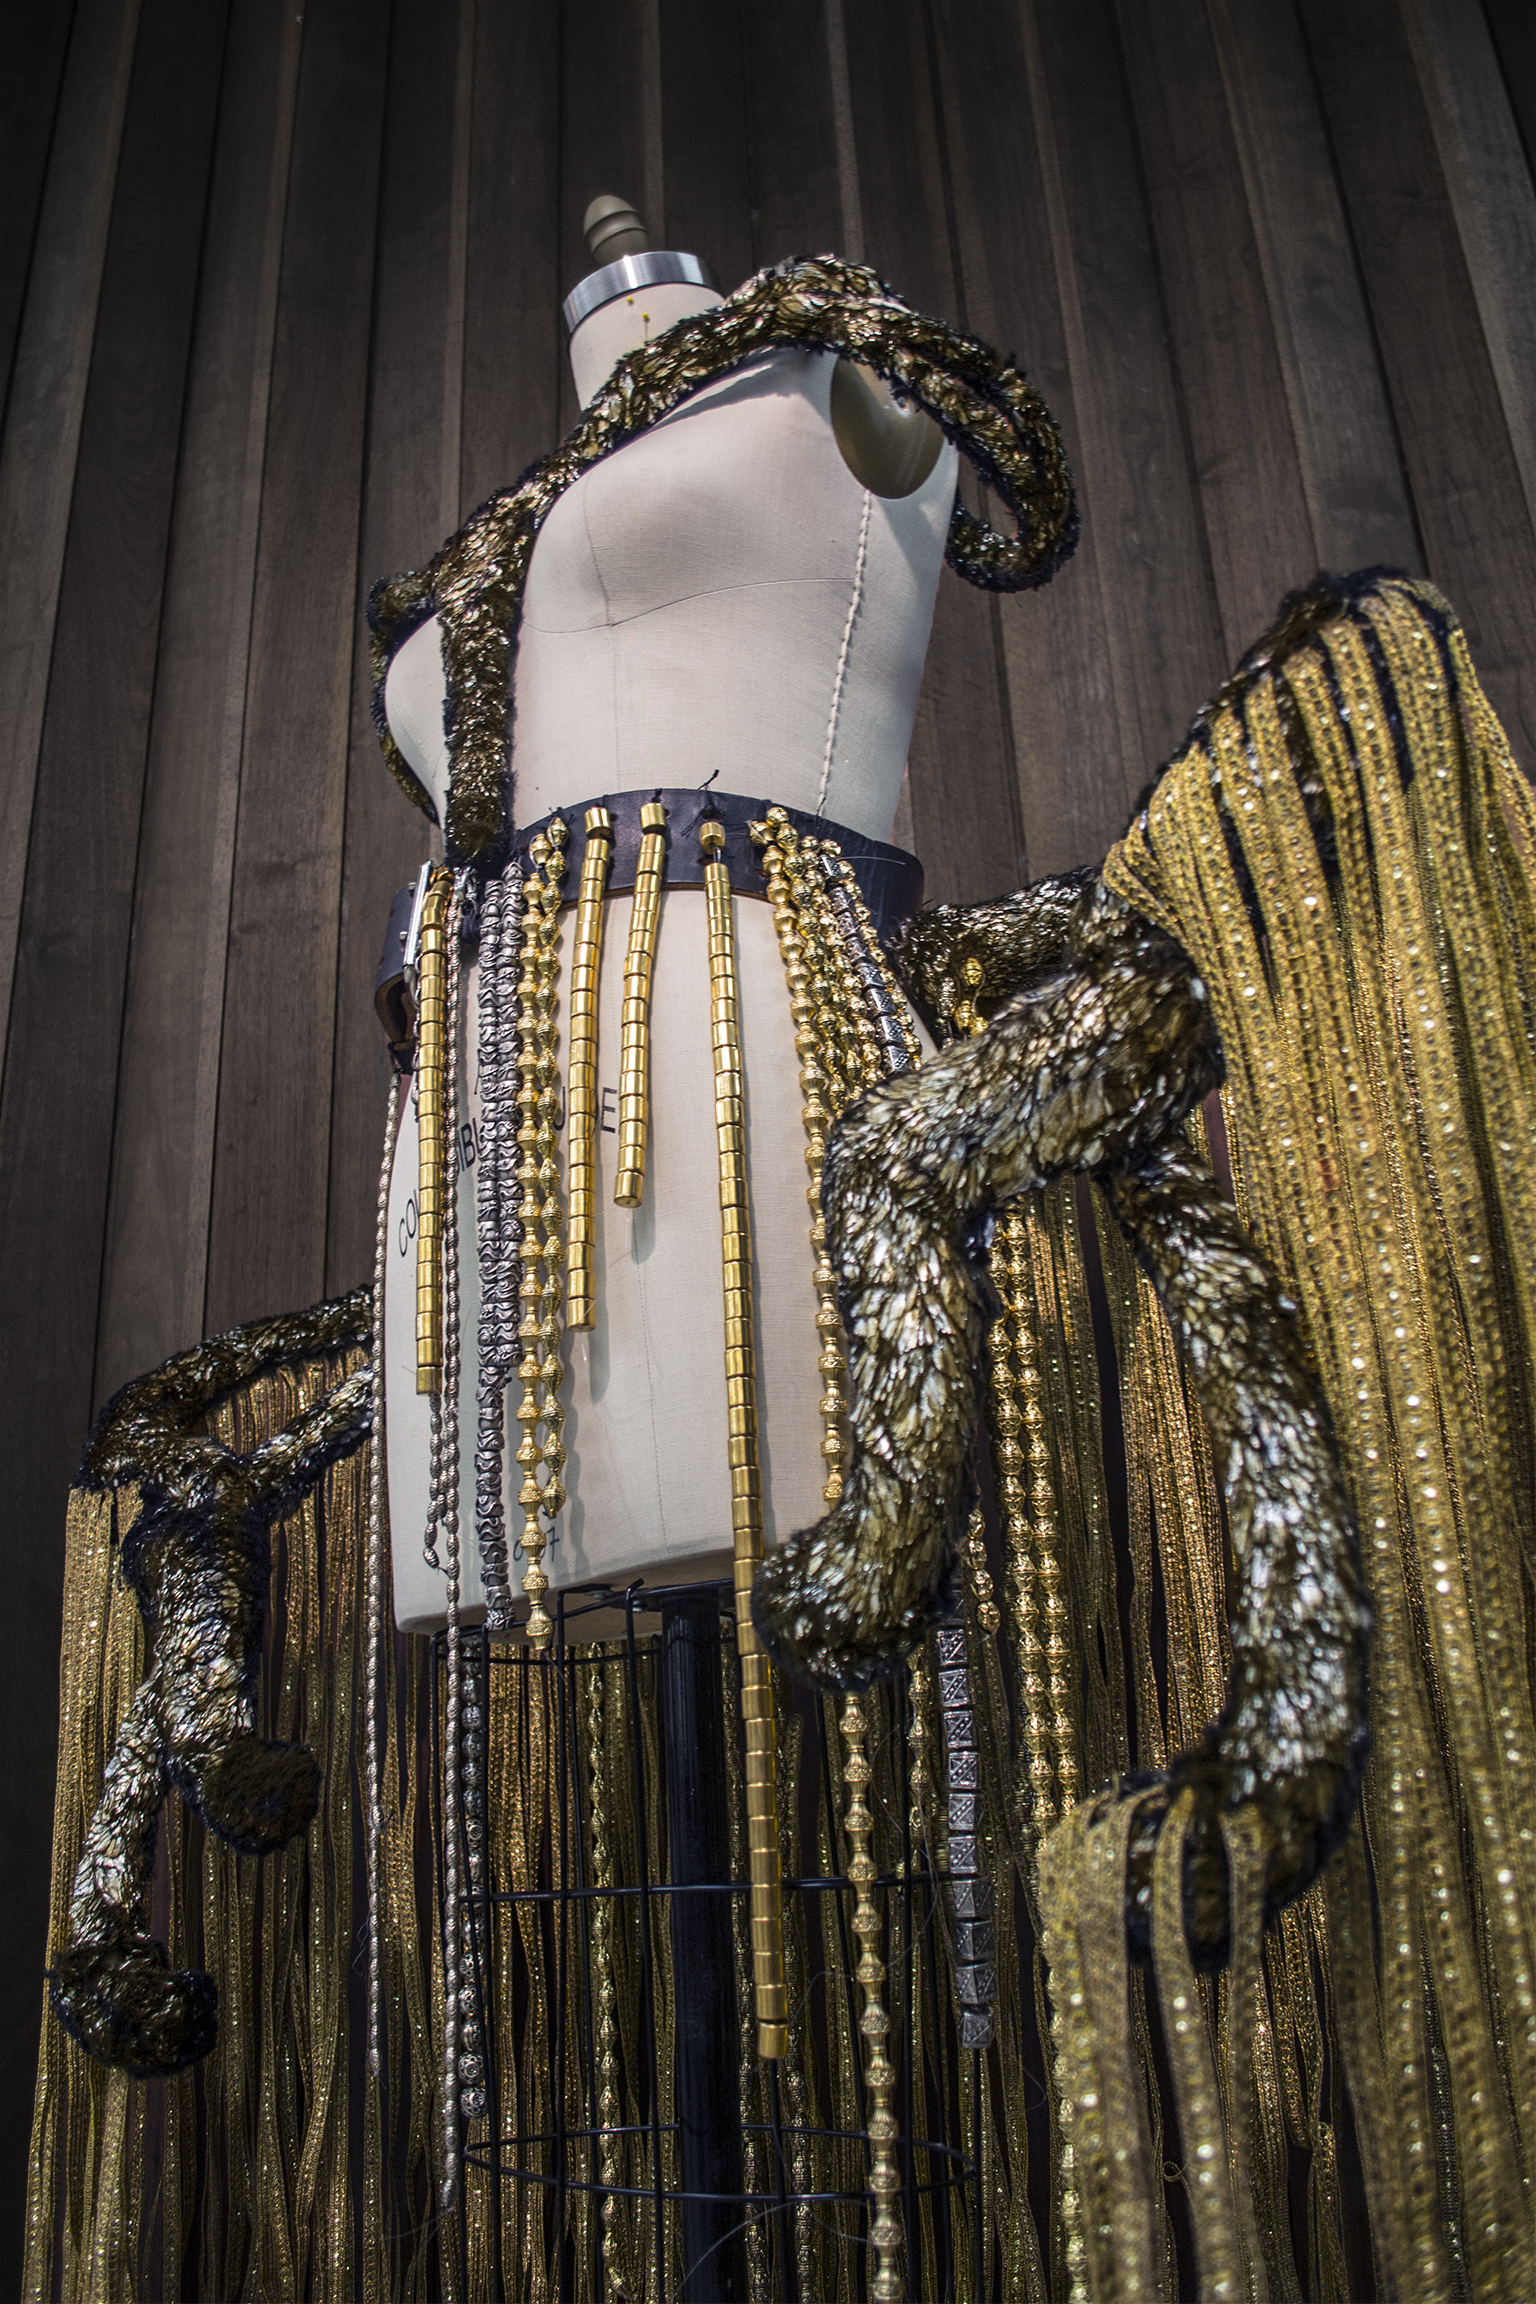 Herodias's harness